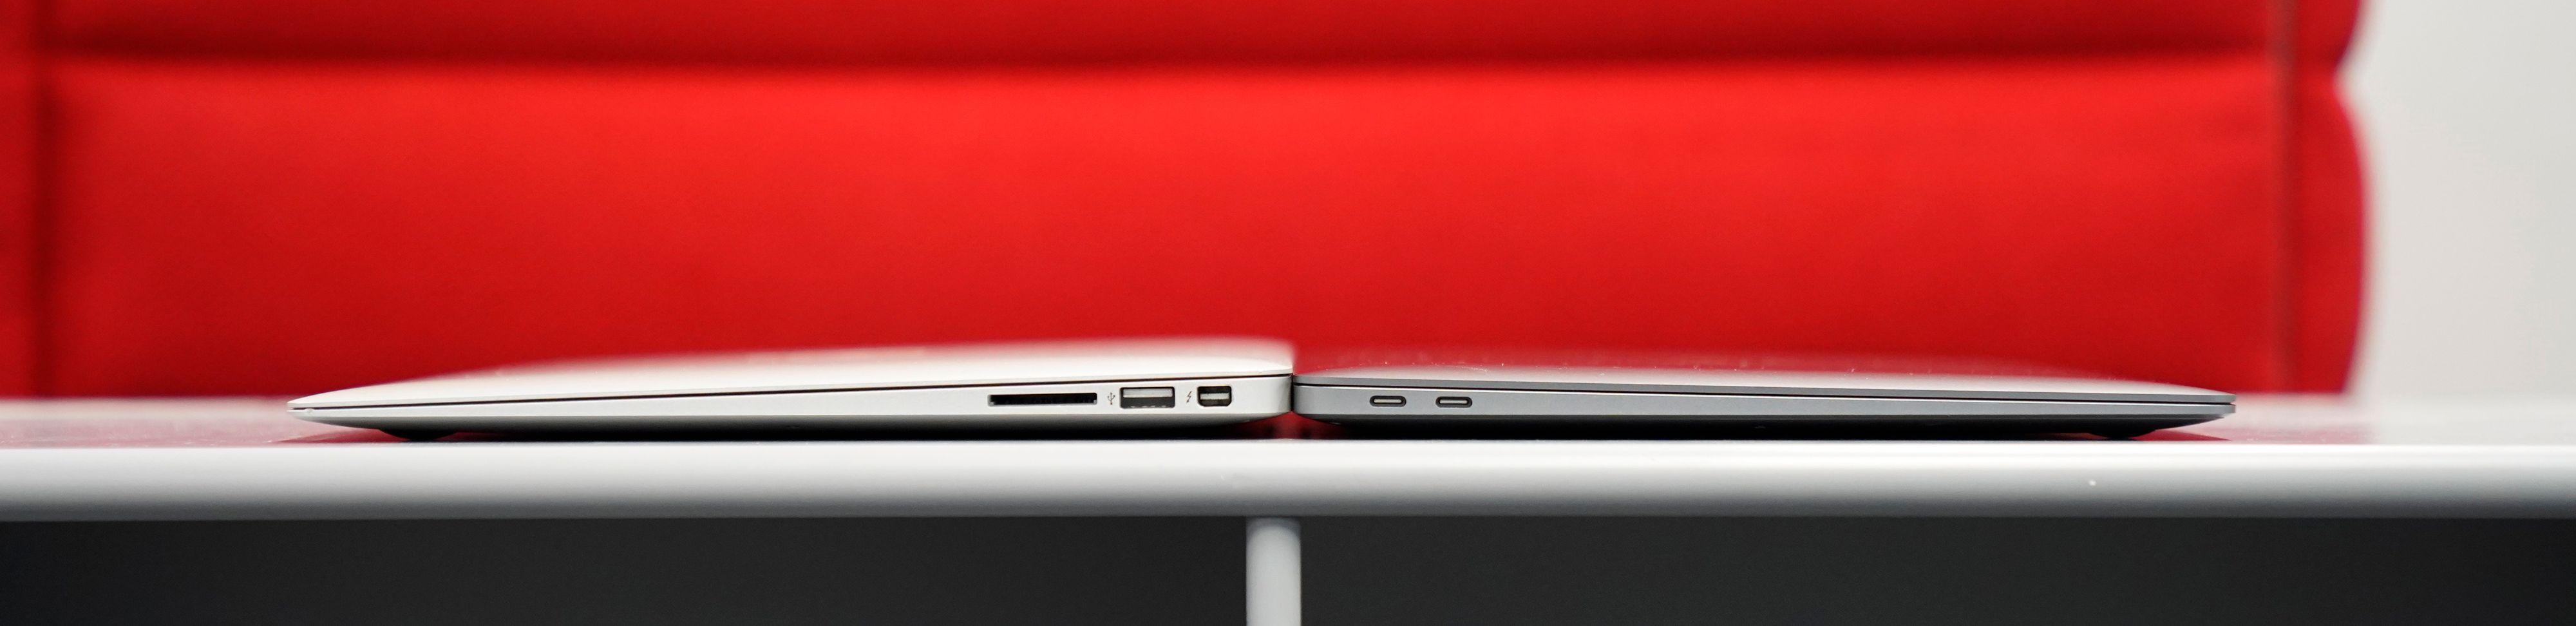 Nye MacBook Air (til høyre) har blitt tynnere.